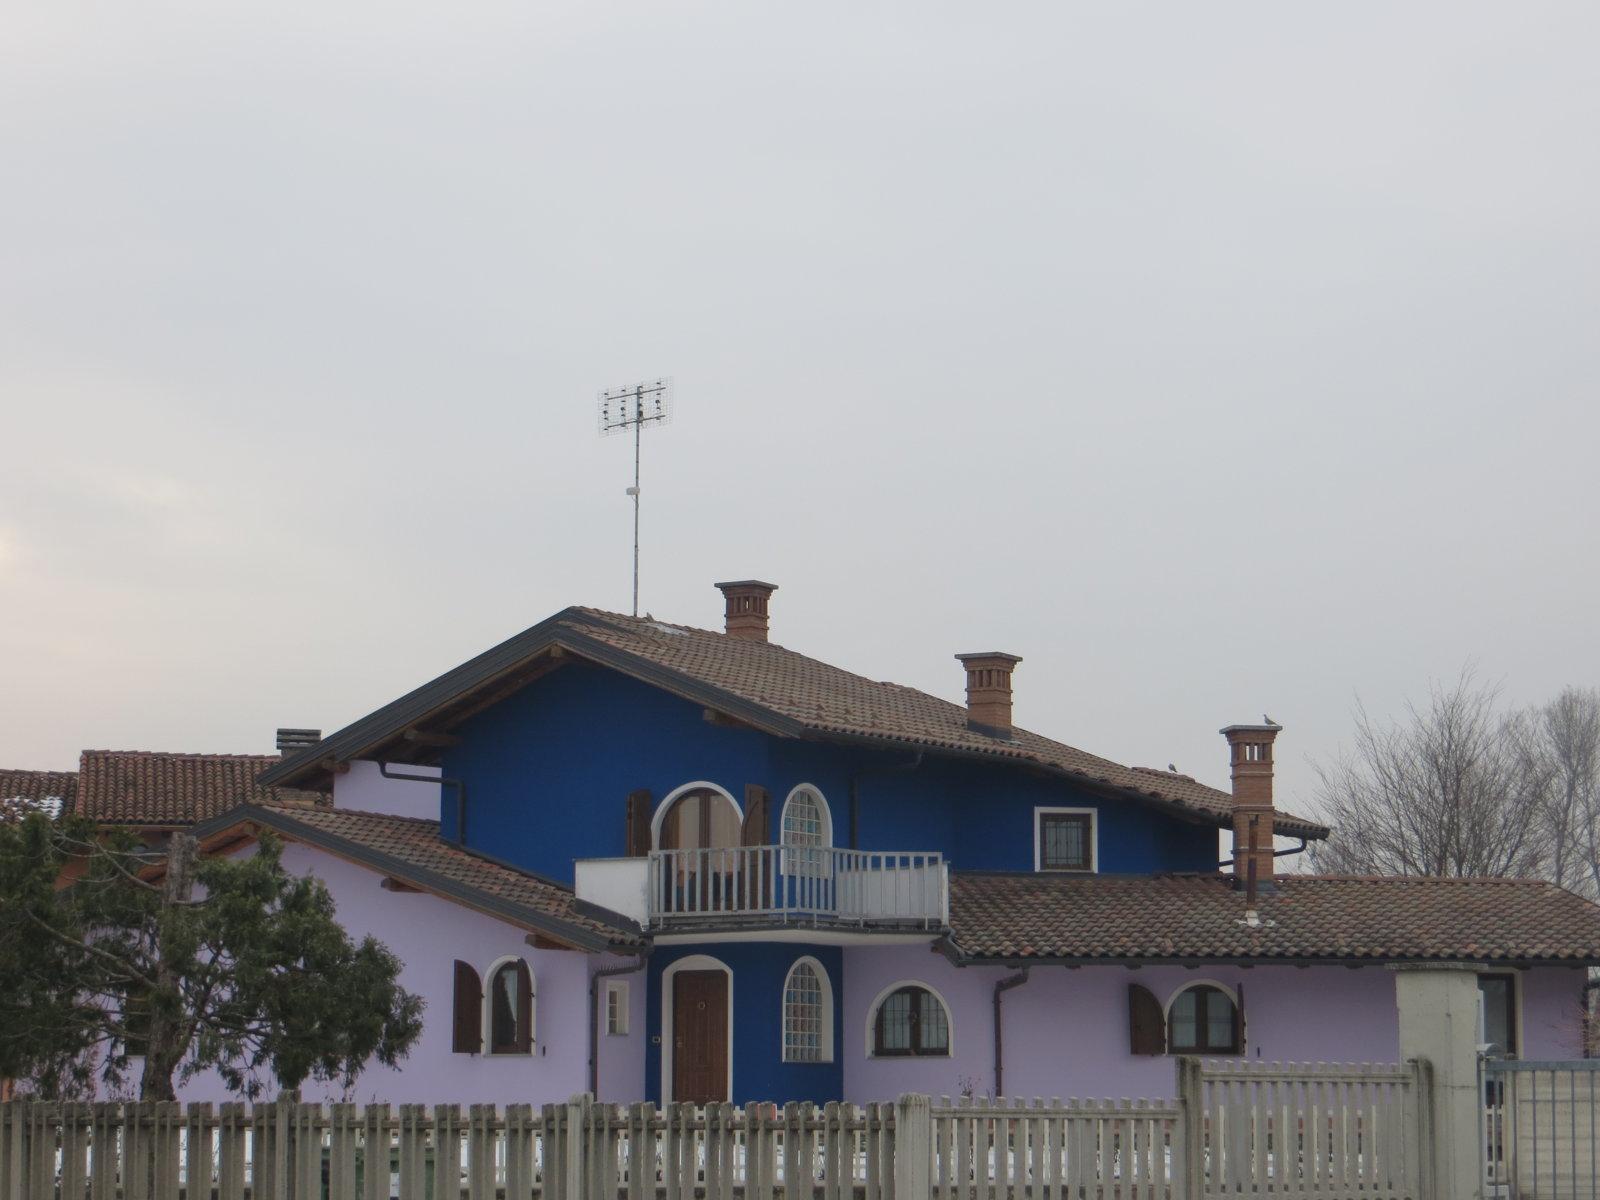 edificio di colore blu e rosa